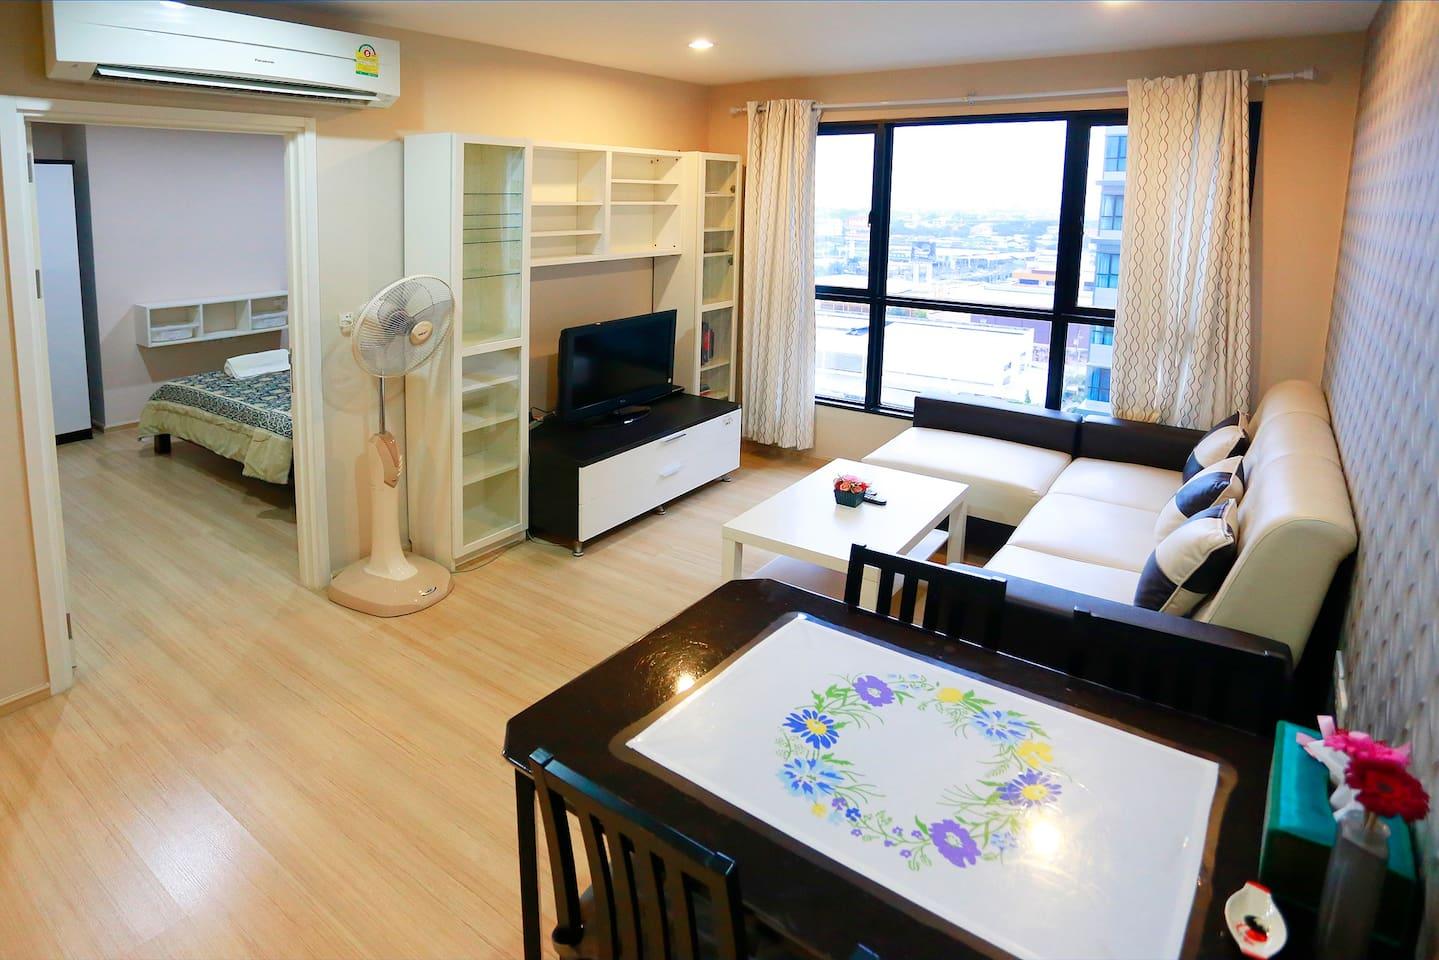 Recreational High Floor Condo @ Chaeng Wattana Rd. - Lyxvåningar ...